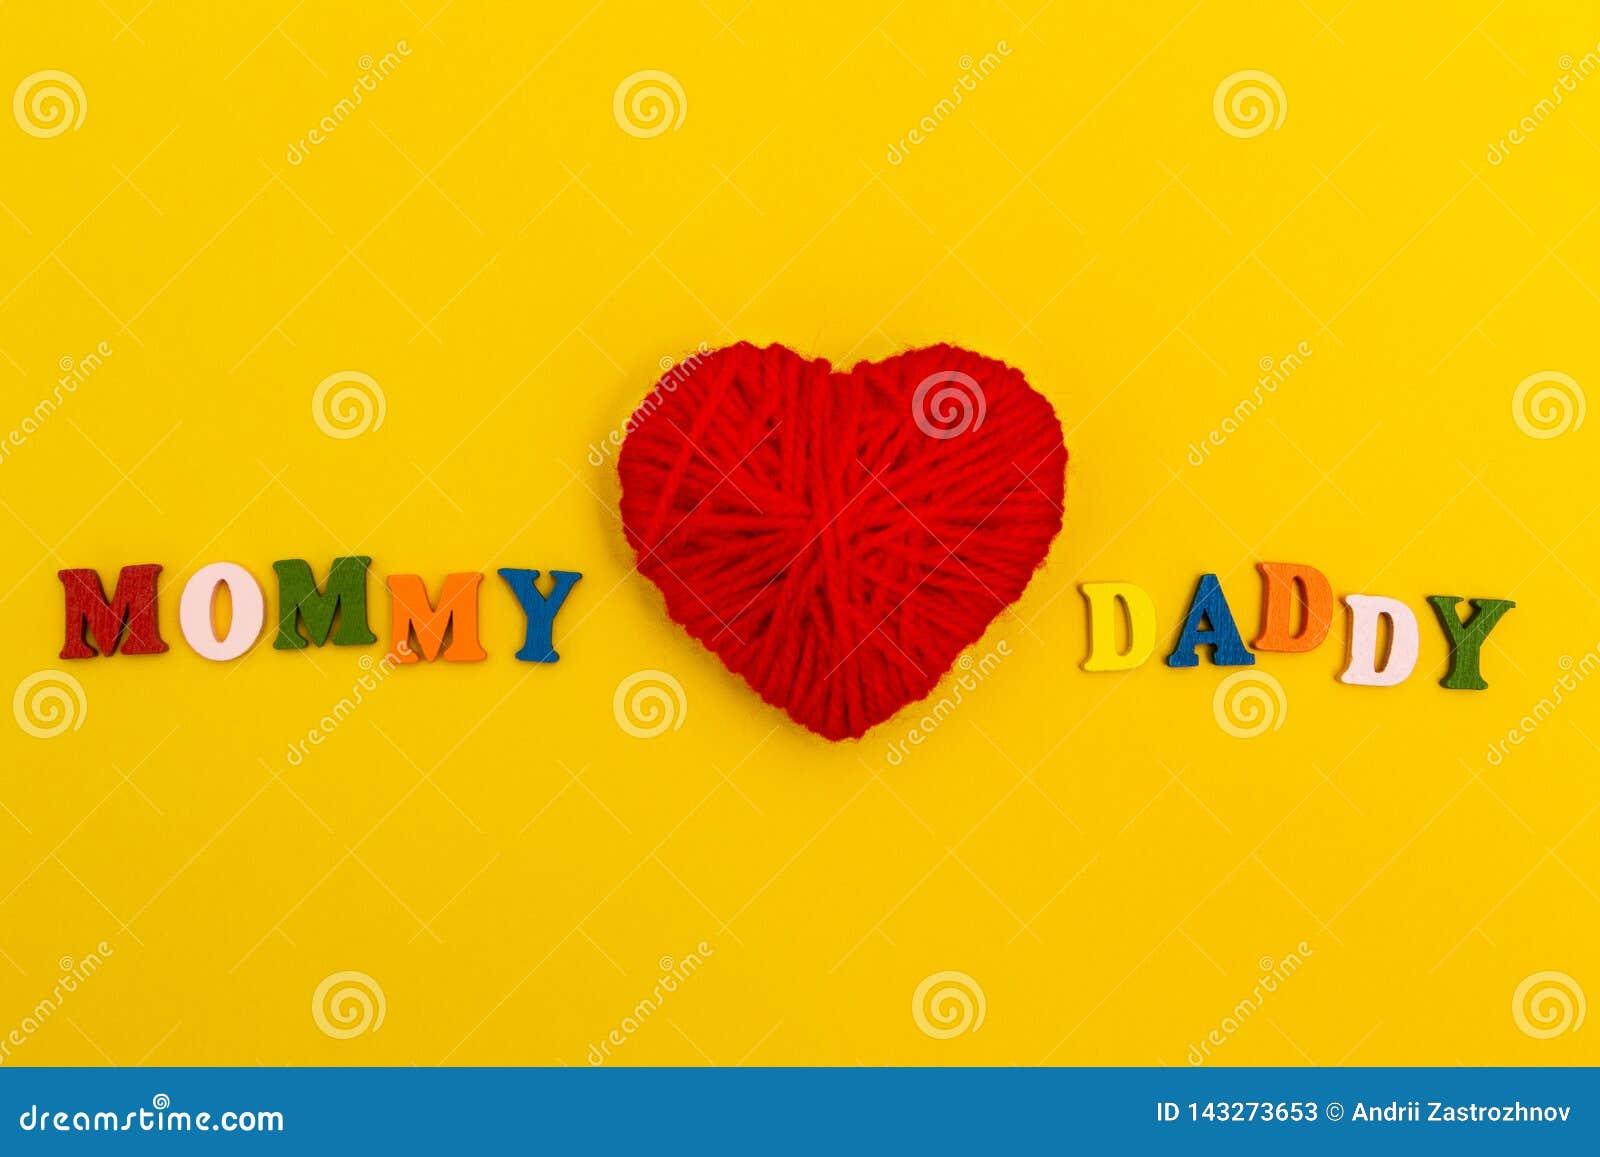 Rood gebreid hart op een gele achtergrond, de Papa van Mammaliefdes